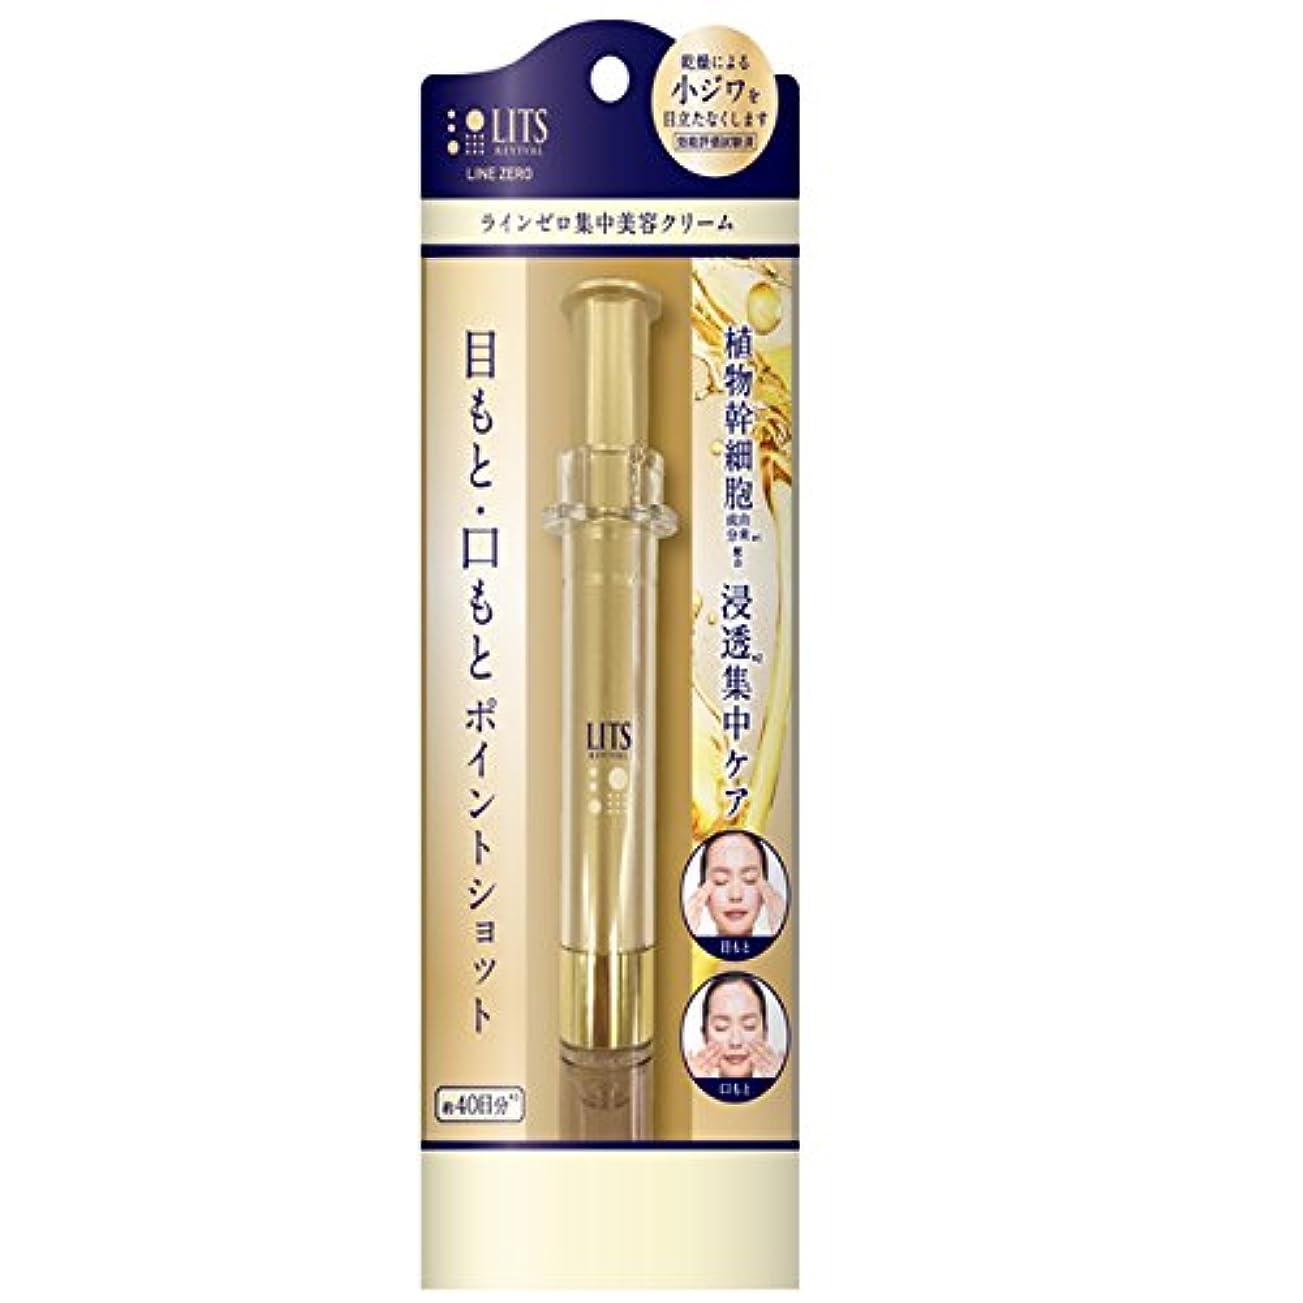 代わりにを立てるクロール飾り羽リッツ リバイバル ラインゼロ 集中美容液クリーム 12g【2個セット】